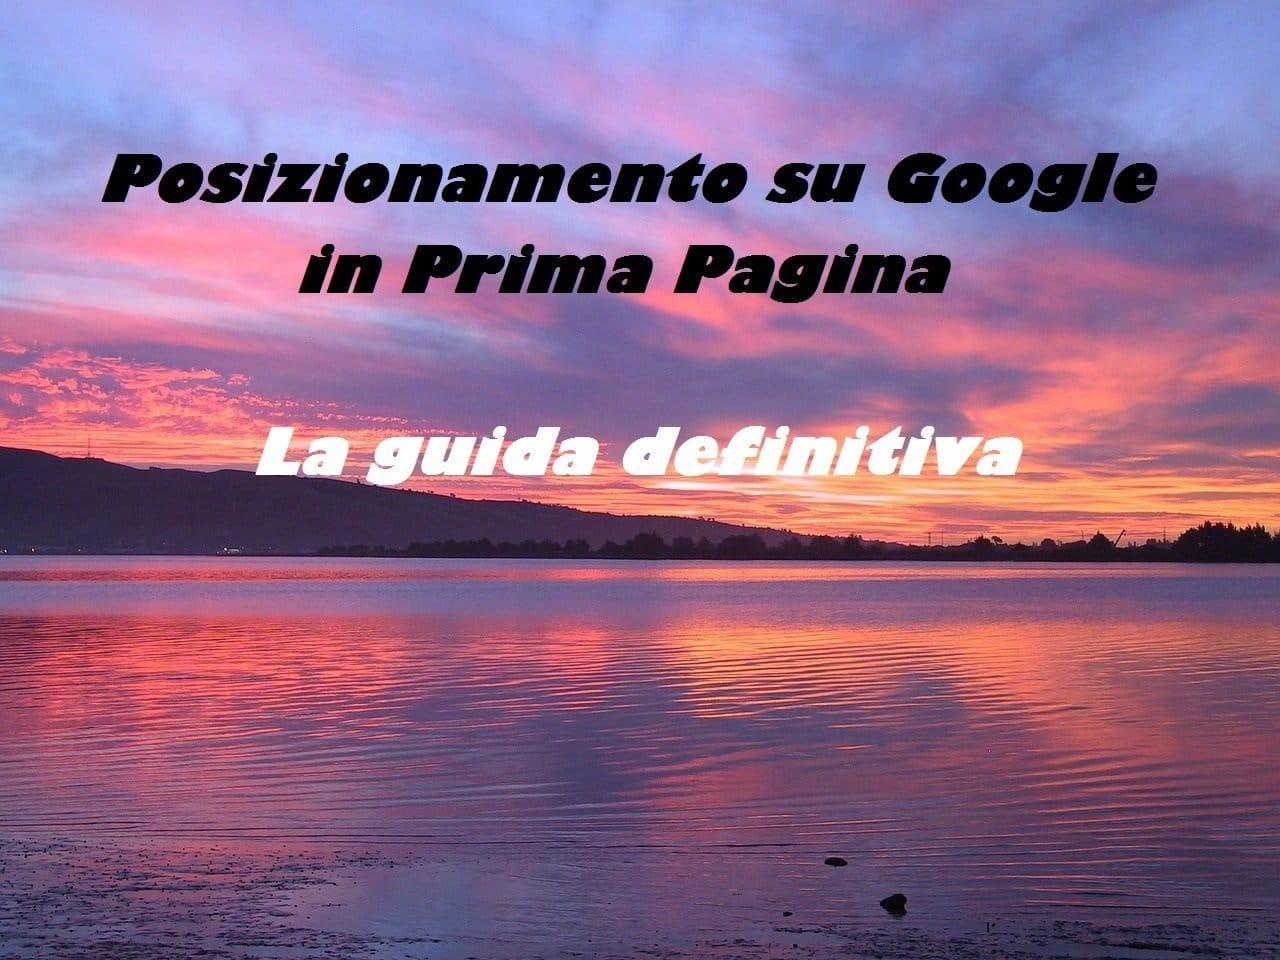 Posizionamento su Google in Prima Pagina